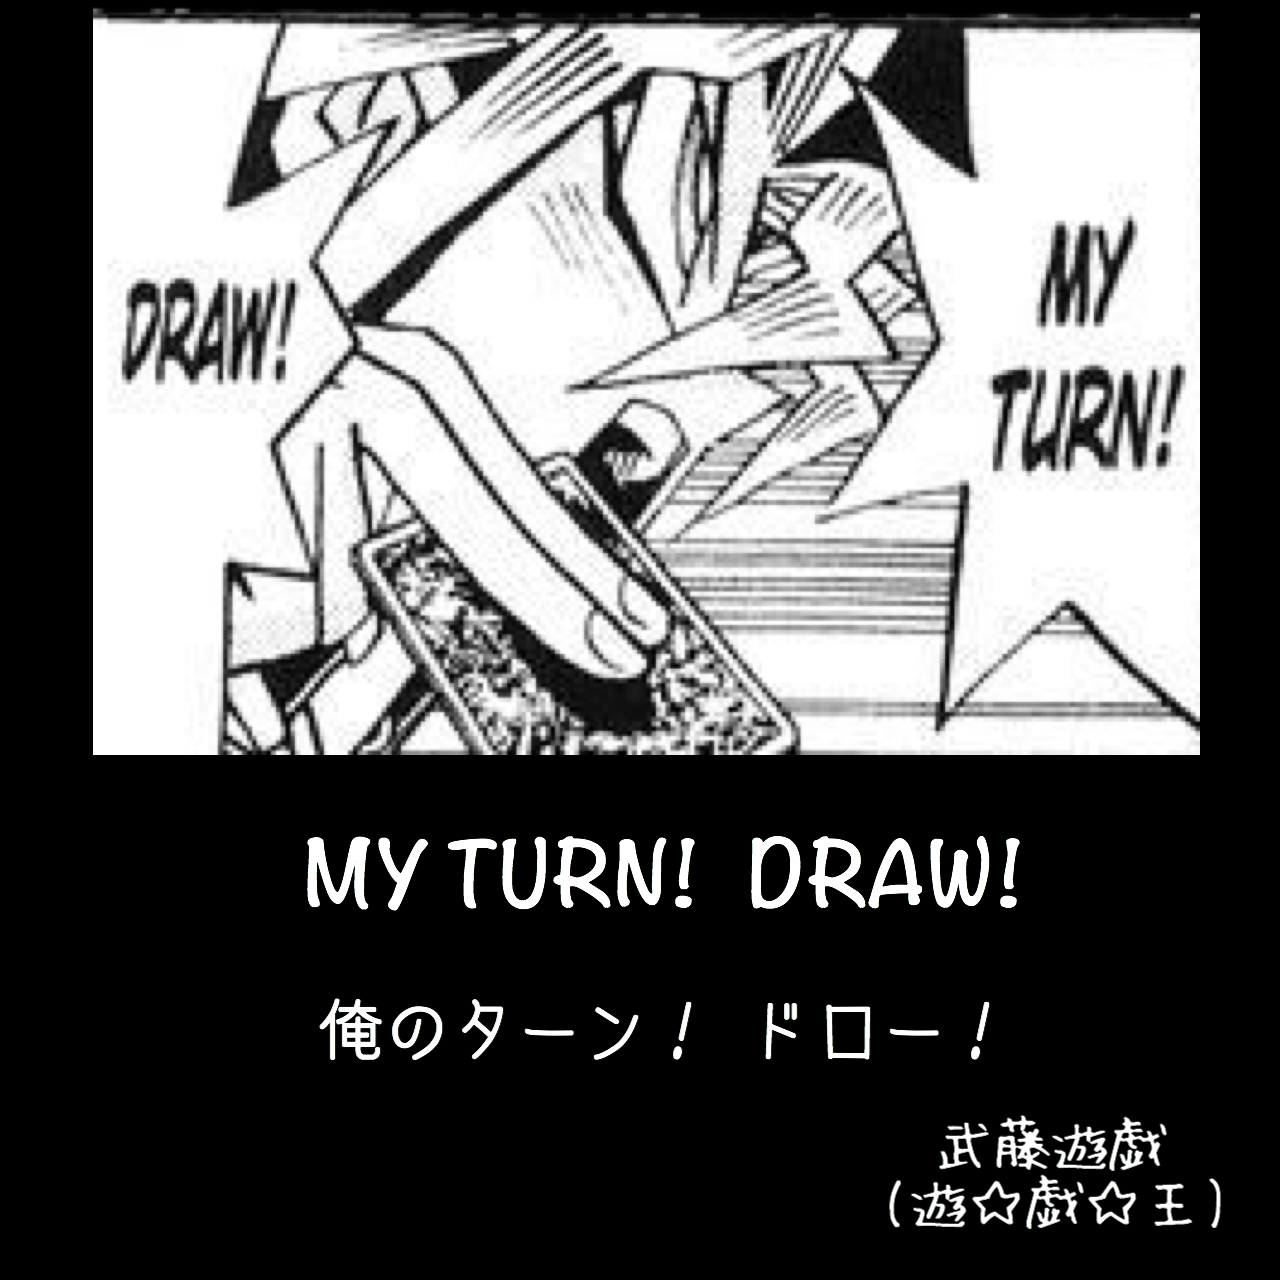 俺のターン!ドロー! / 武藤遊戯(遊戯王)